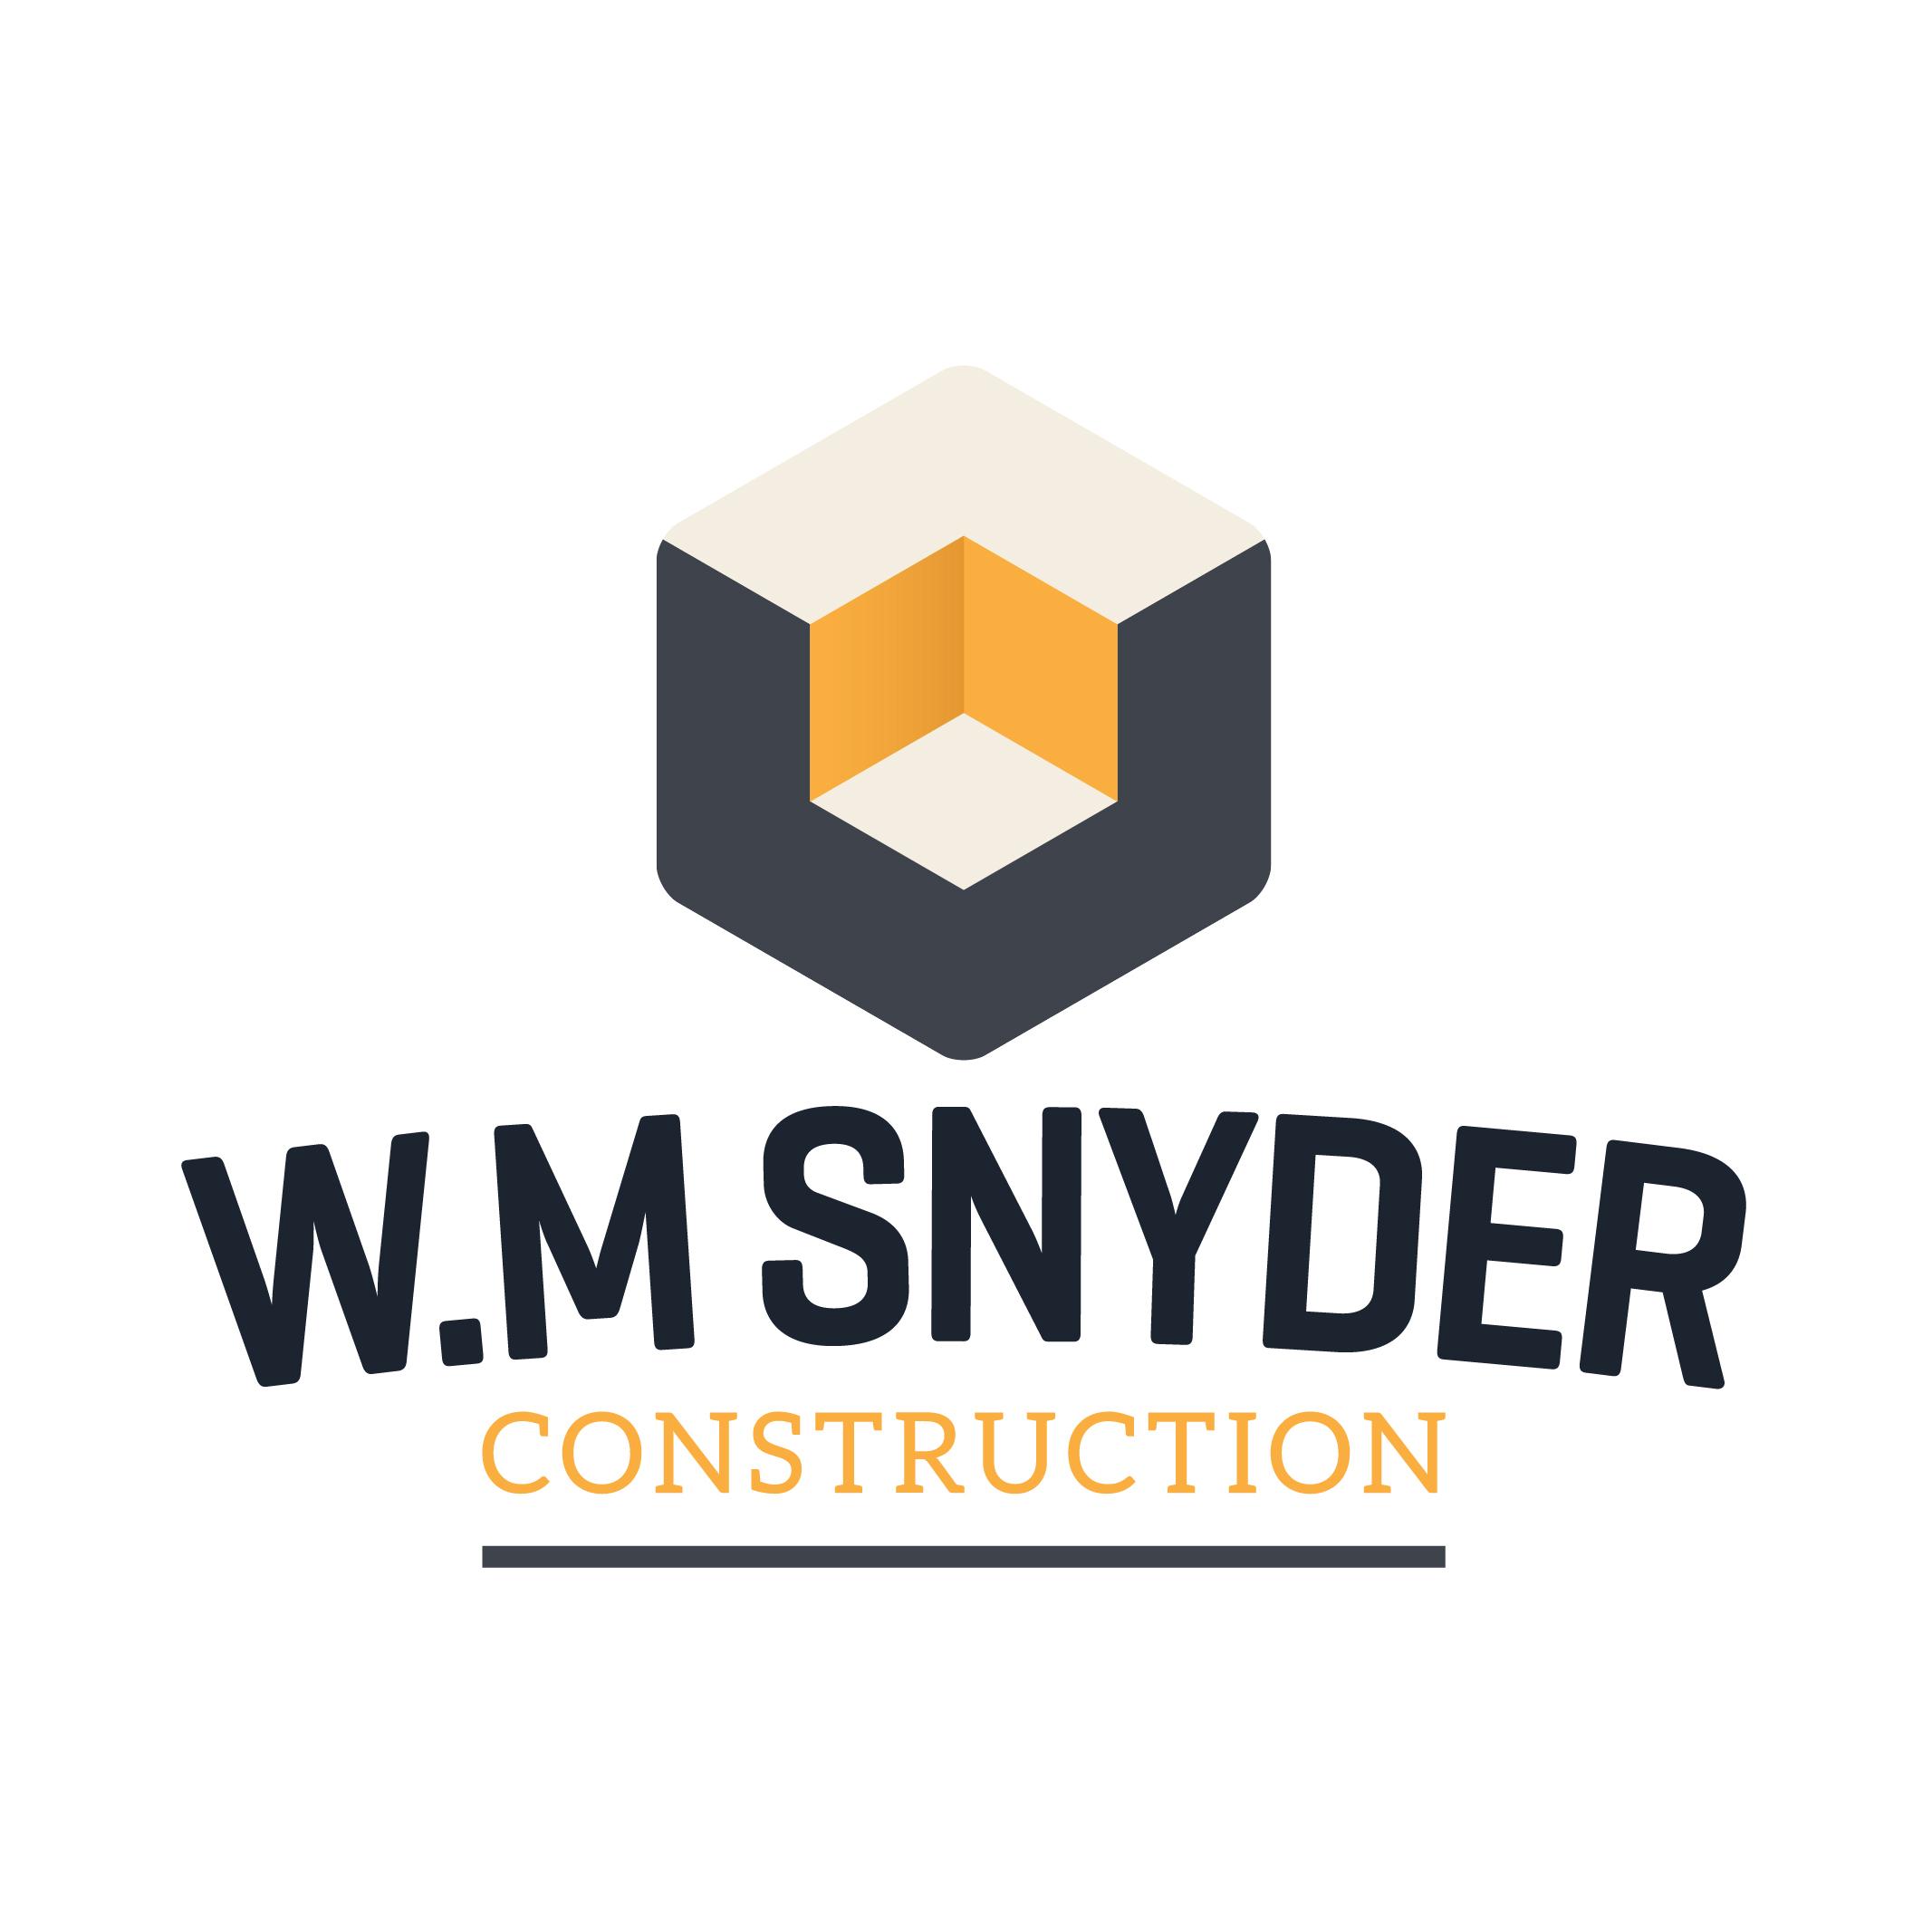 WMSynder-01.jpg